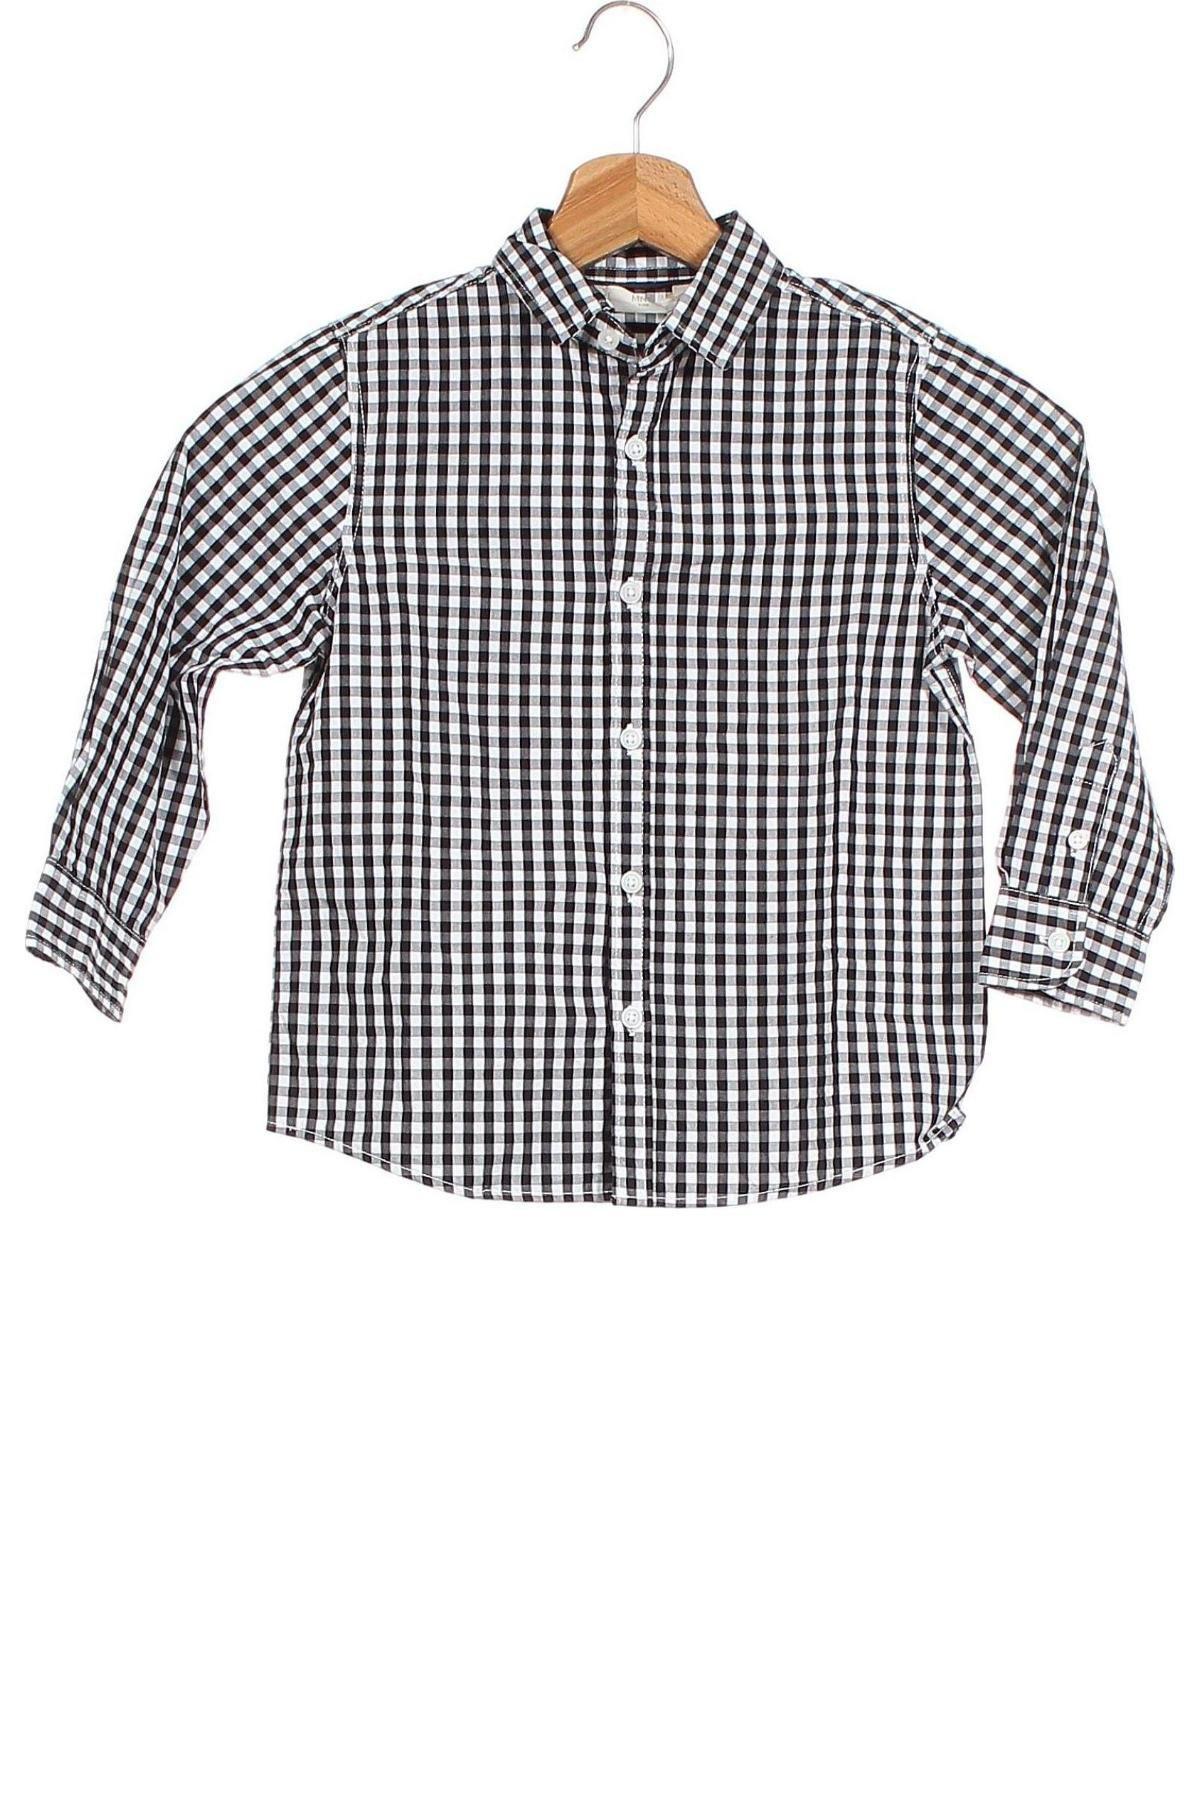 Παιδικό πουκάμισο Mango, Μέγεθος 3-4y/ 104-110 εκ., Χρώμα Πολύχρωμο, Βαμβάκι, Τιμή 13,89€